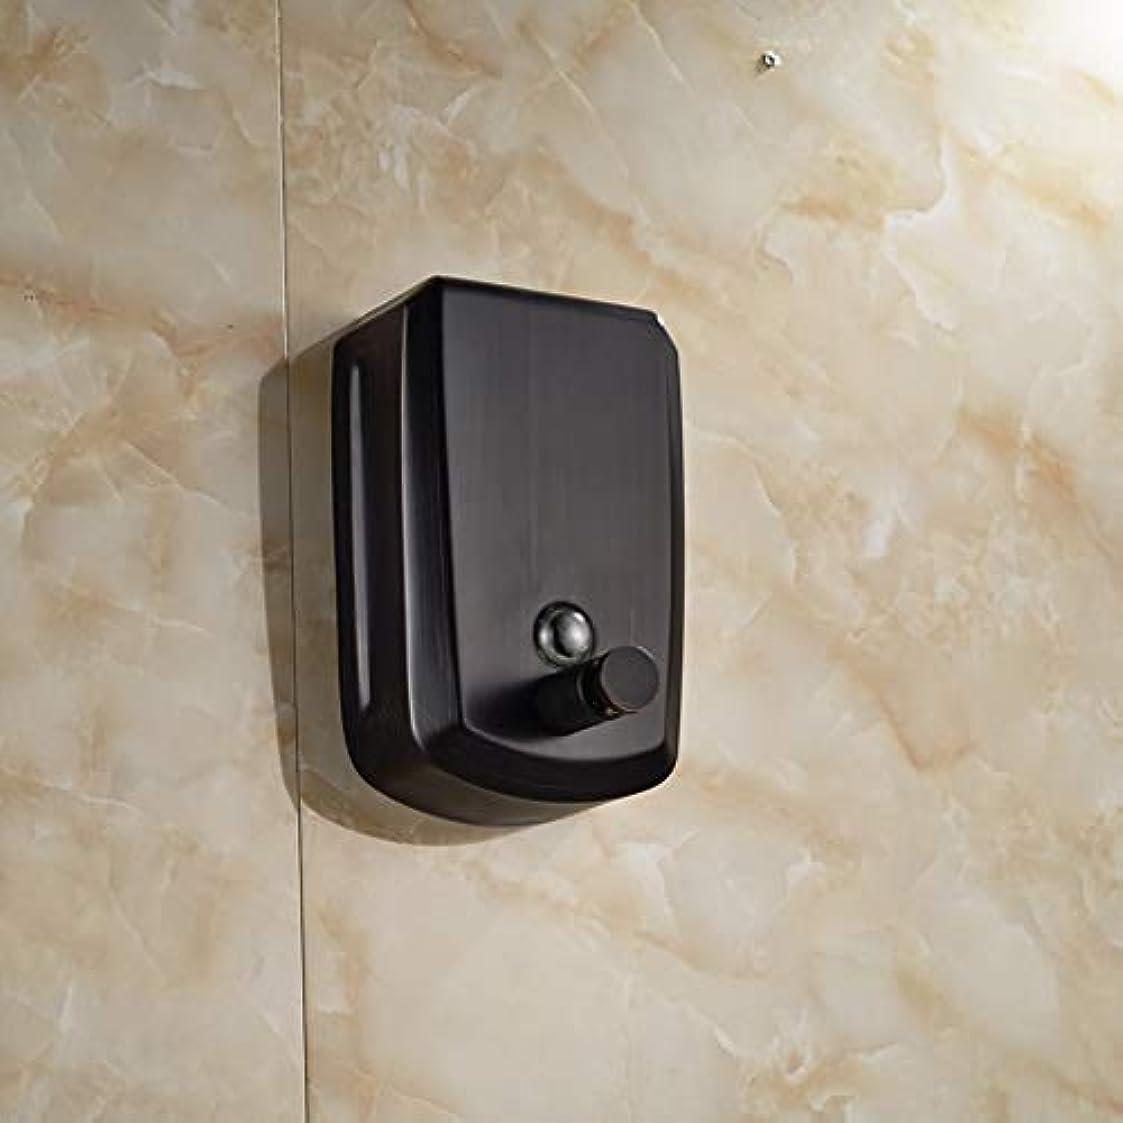 である終了しました艶LUDSUY Oil Rubbed Bronze 800ml Bathroom Soap Dispenser Liquid Soap Pump Lotion DispenserBathroom accessories